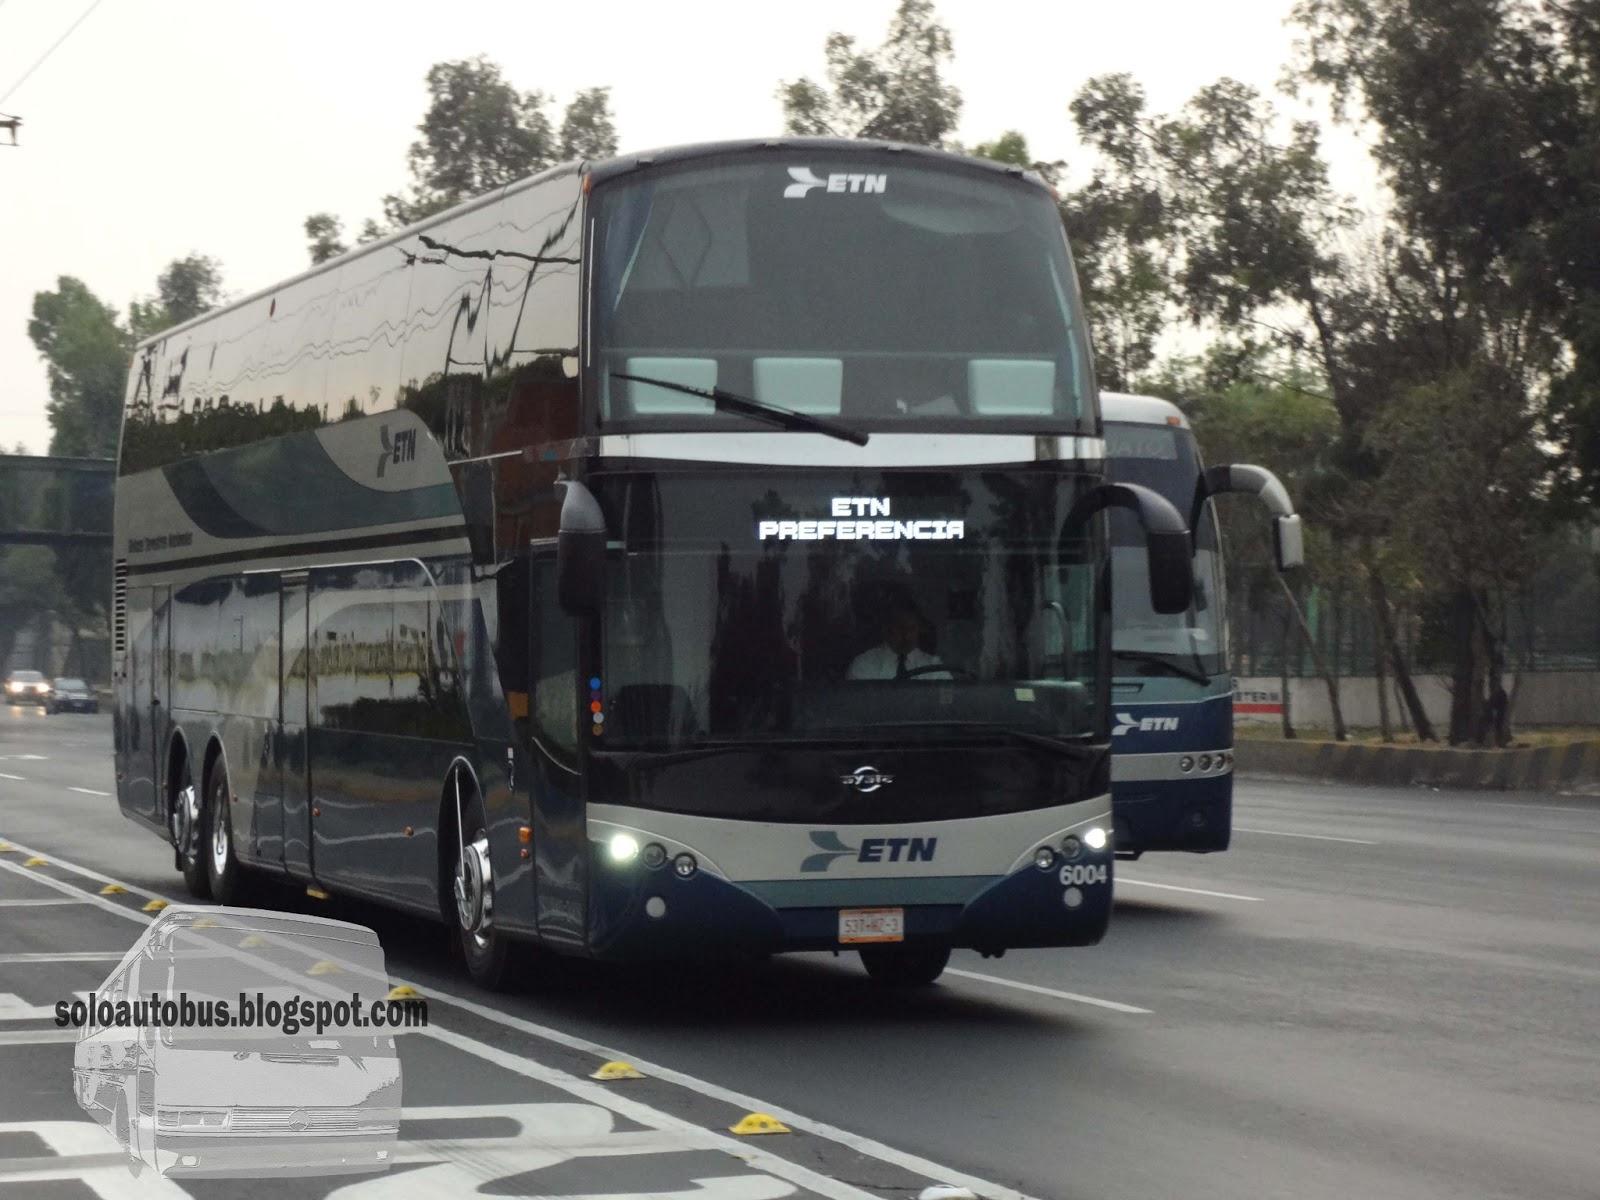 Soloautobus etn de dos pisos - Autobuses de dos pisos ...